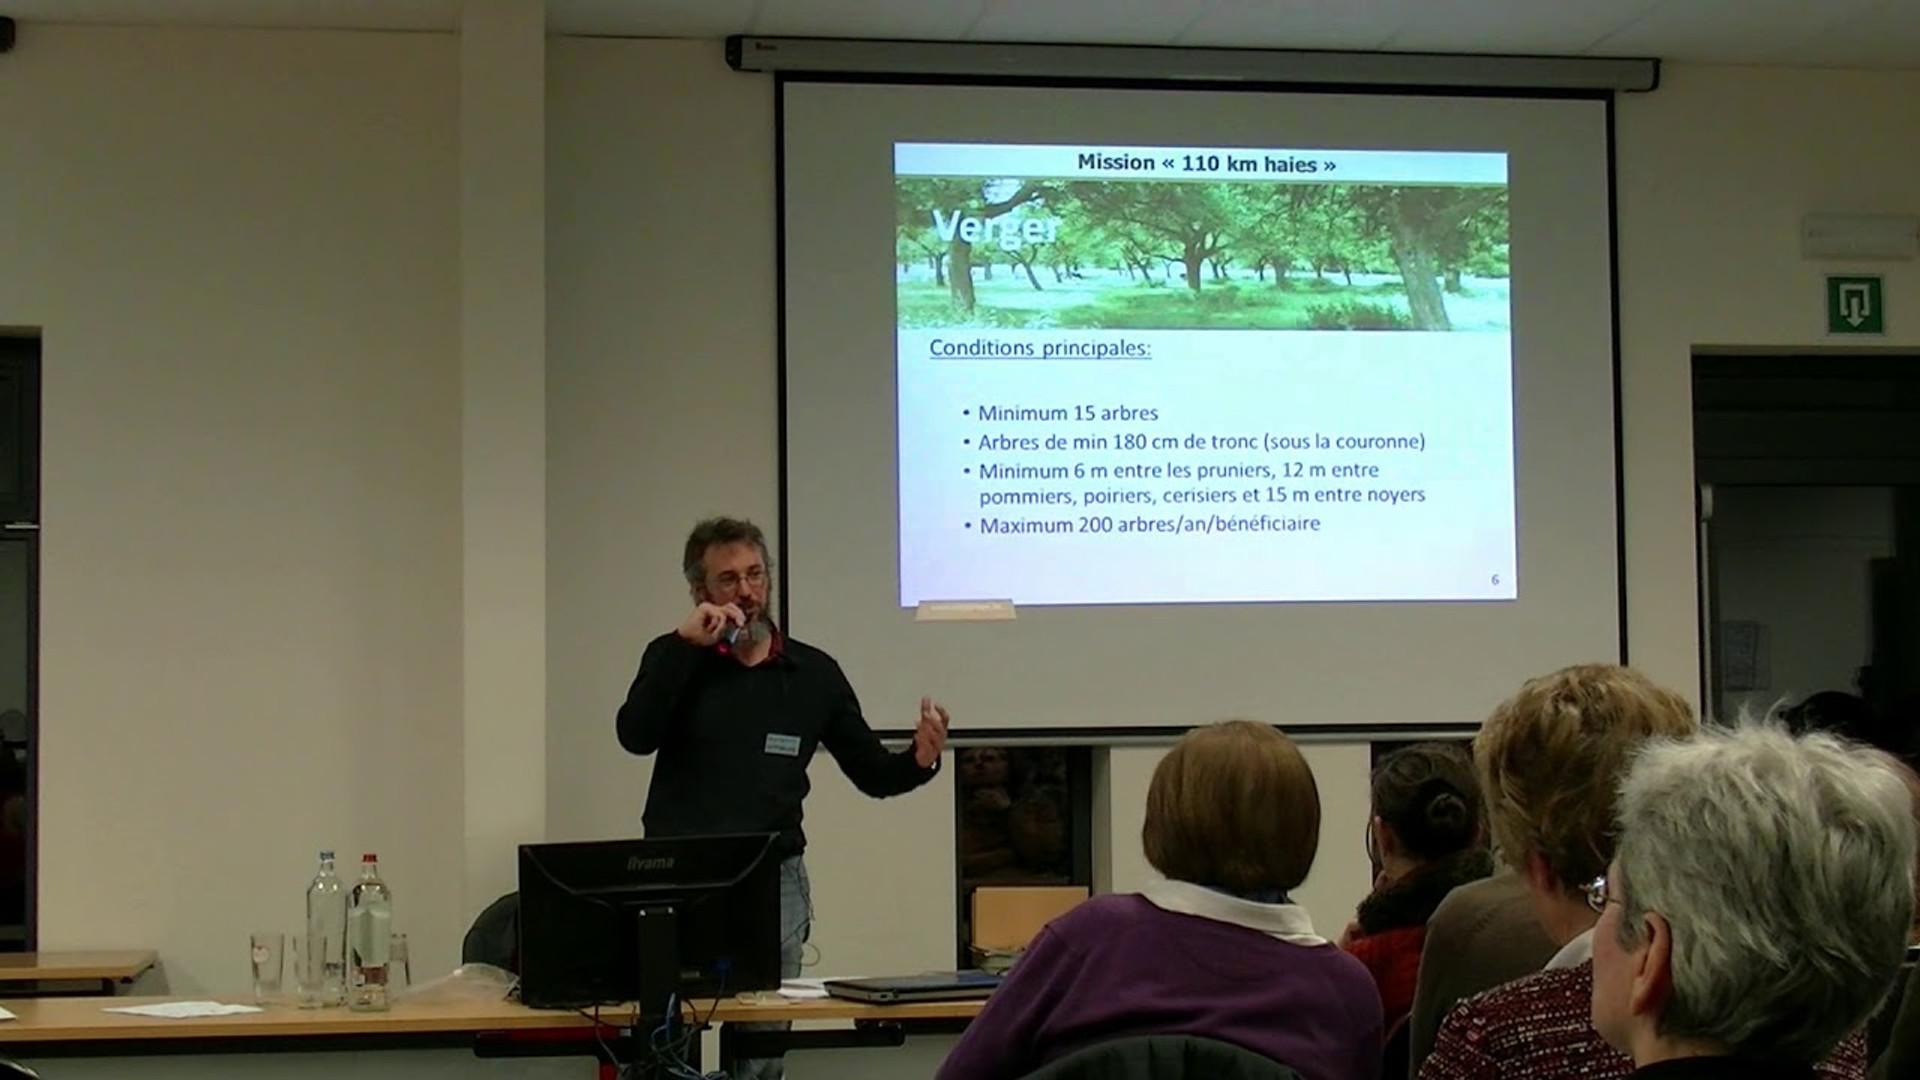 """Présentation mission """"110 km haies"""" Subvention à la plantation de haie, verger, d'alignement d'arbres en taillis linéaire"""